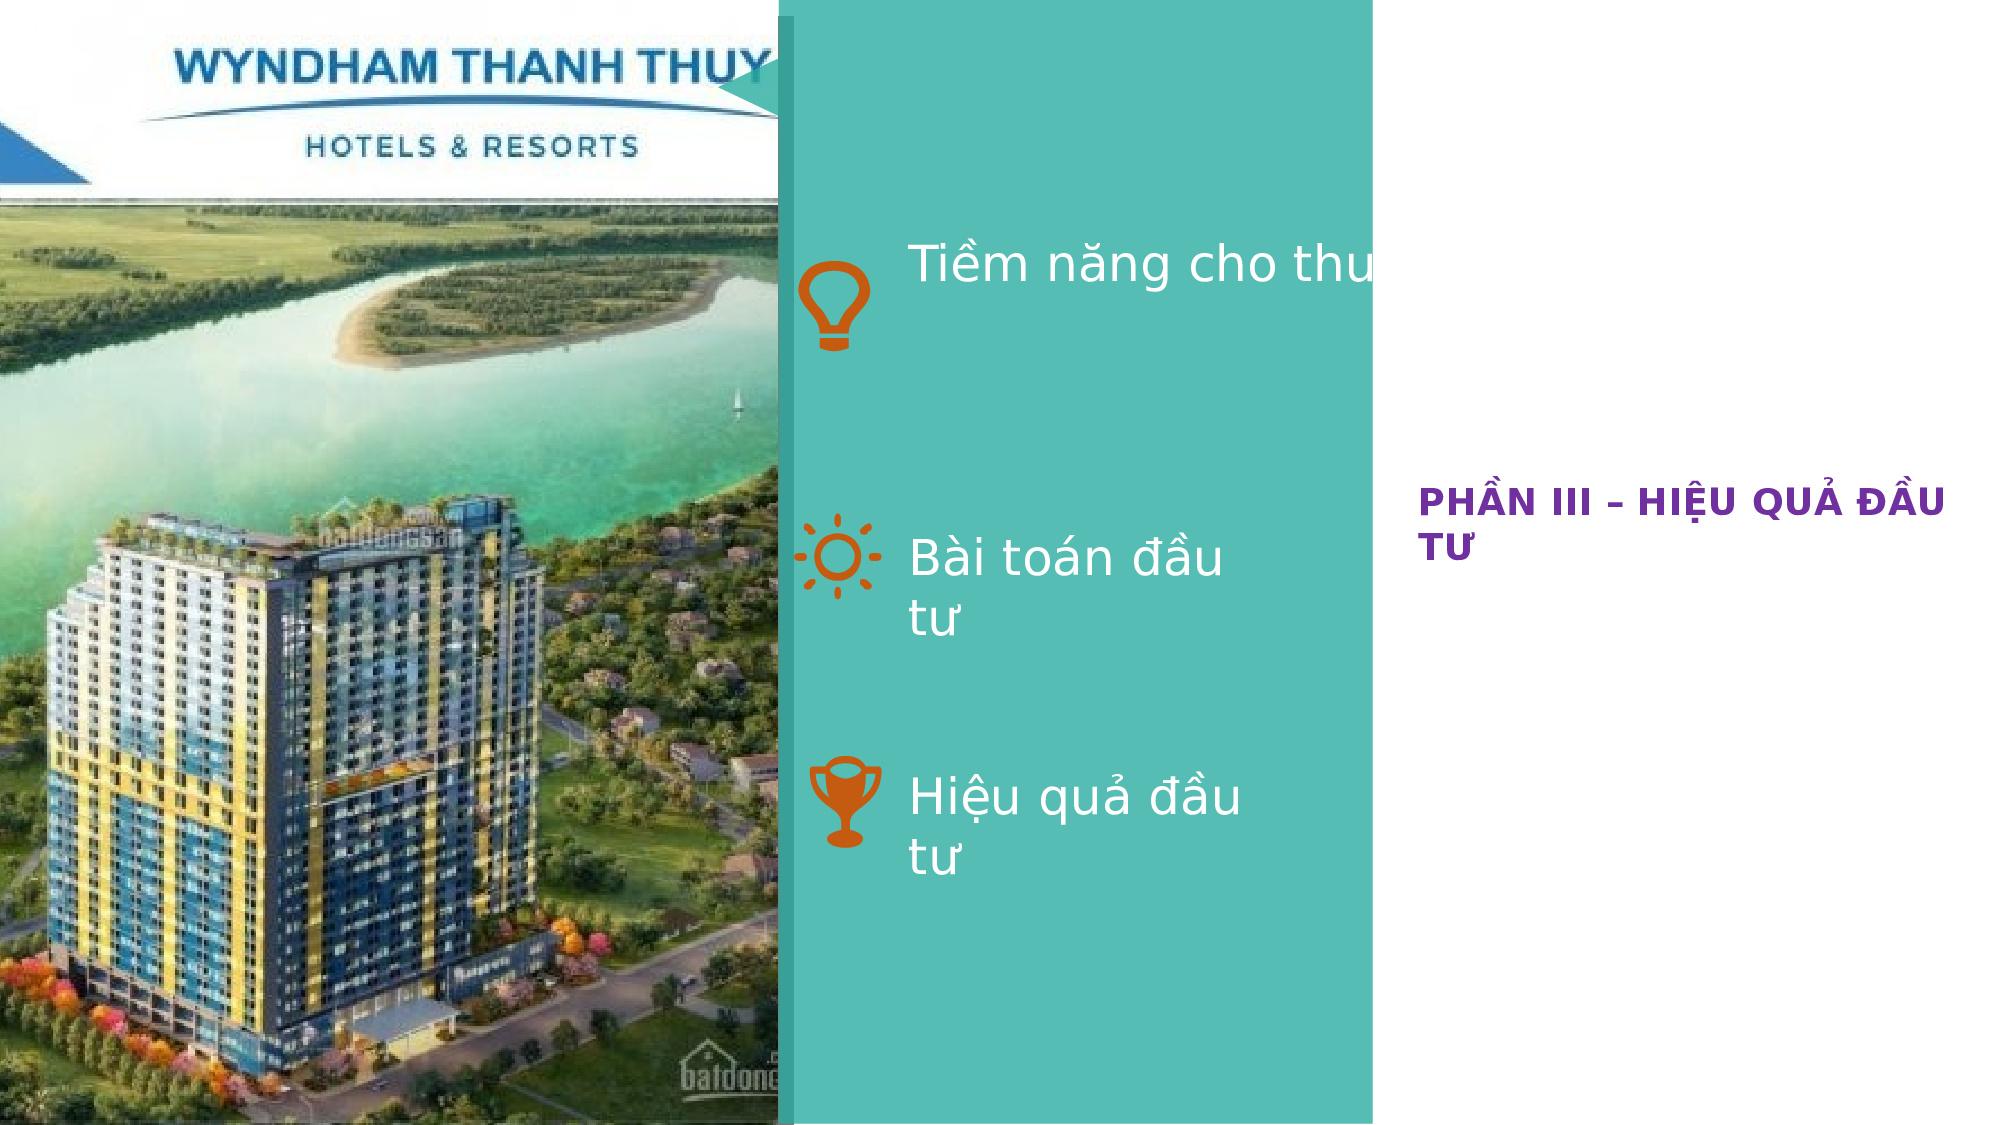 de-thuyet-trinh-whttnew291119edited-7